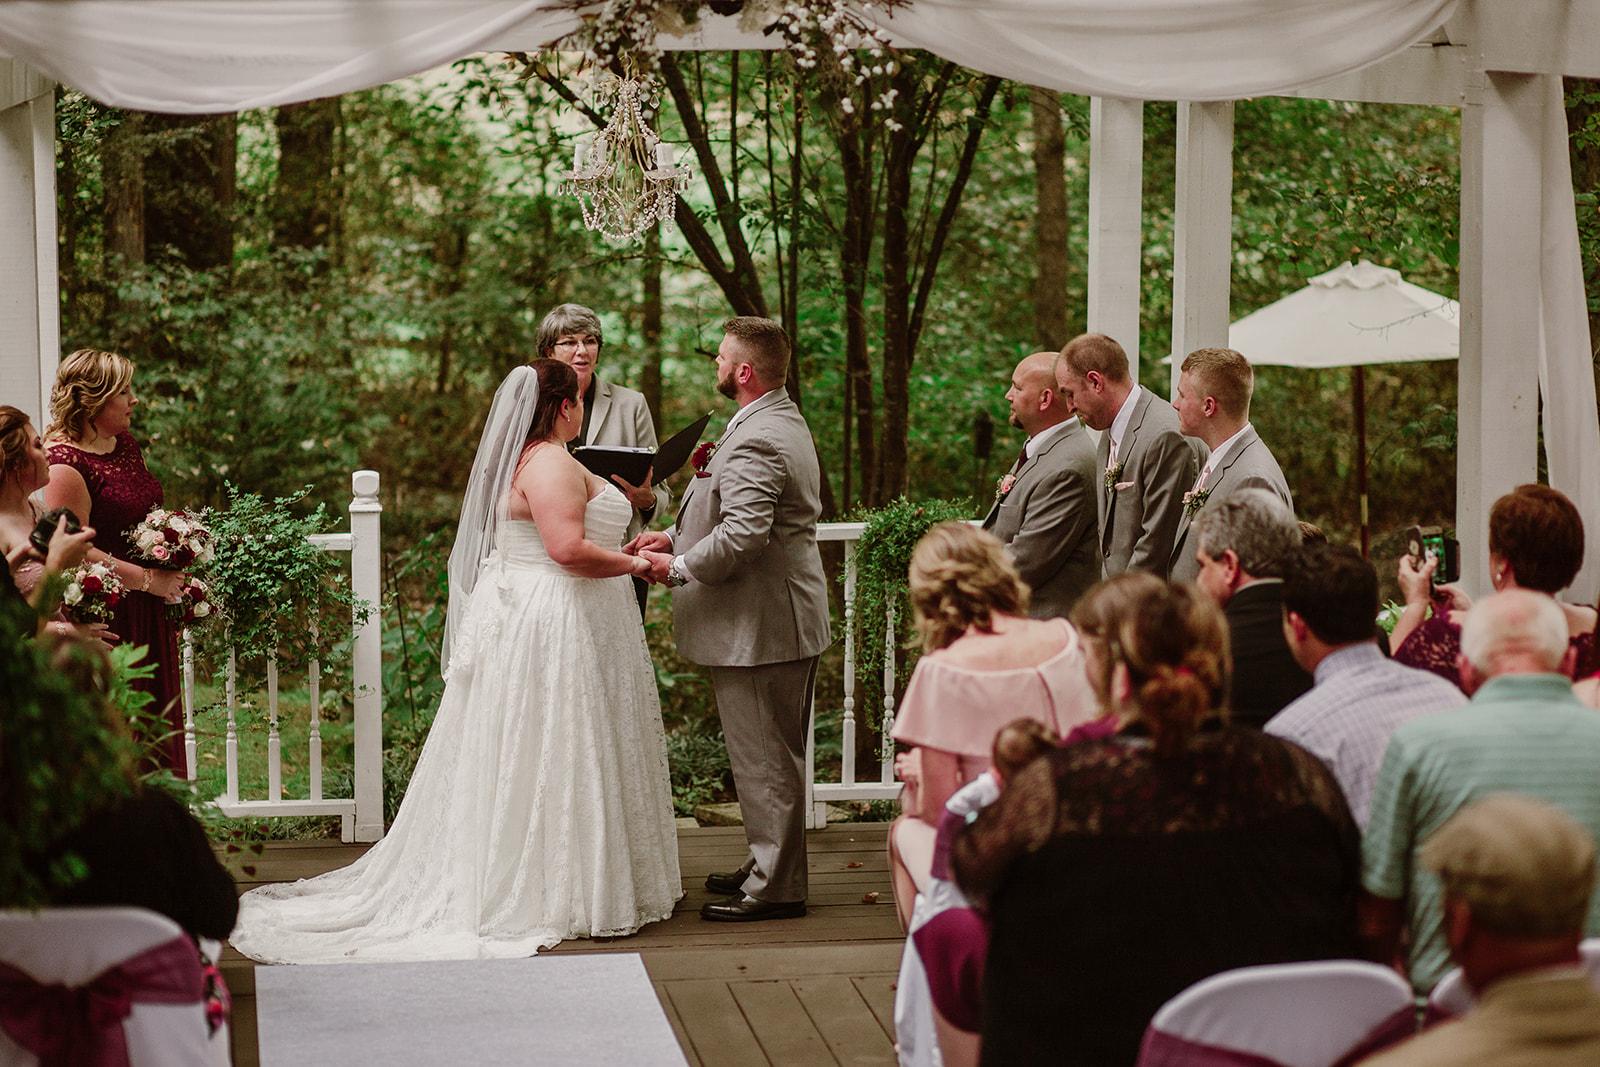 SarahMattozziPhotography-NicoleChris-GlenGardens-Ceremony-8.jpg